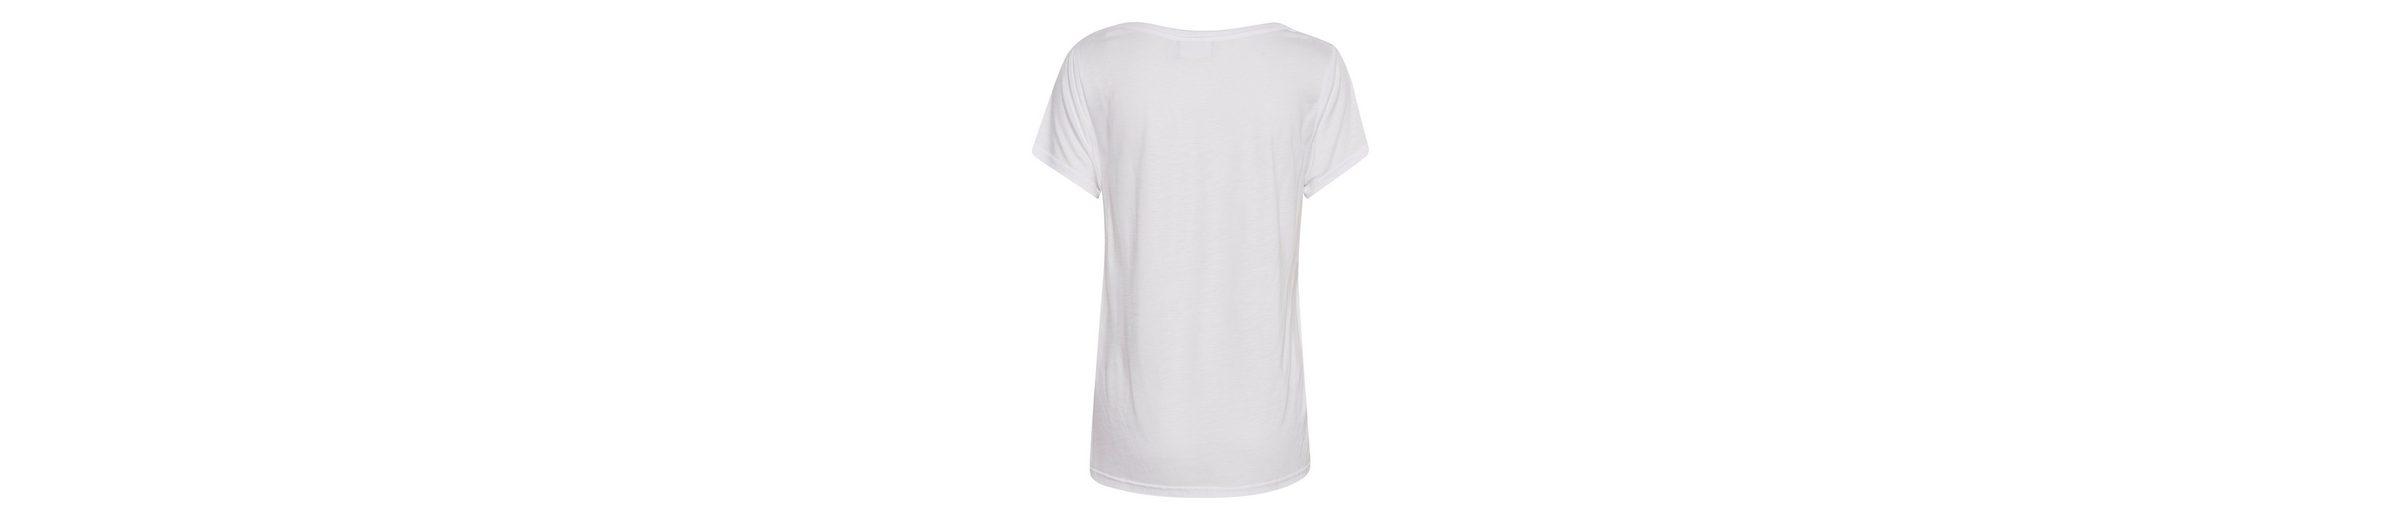 KAFFE T-Shirt Folia Online-Shopping Mit Mastercard Verkauf Günstiger Preis BhzGu